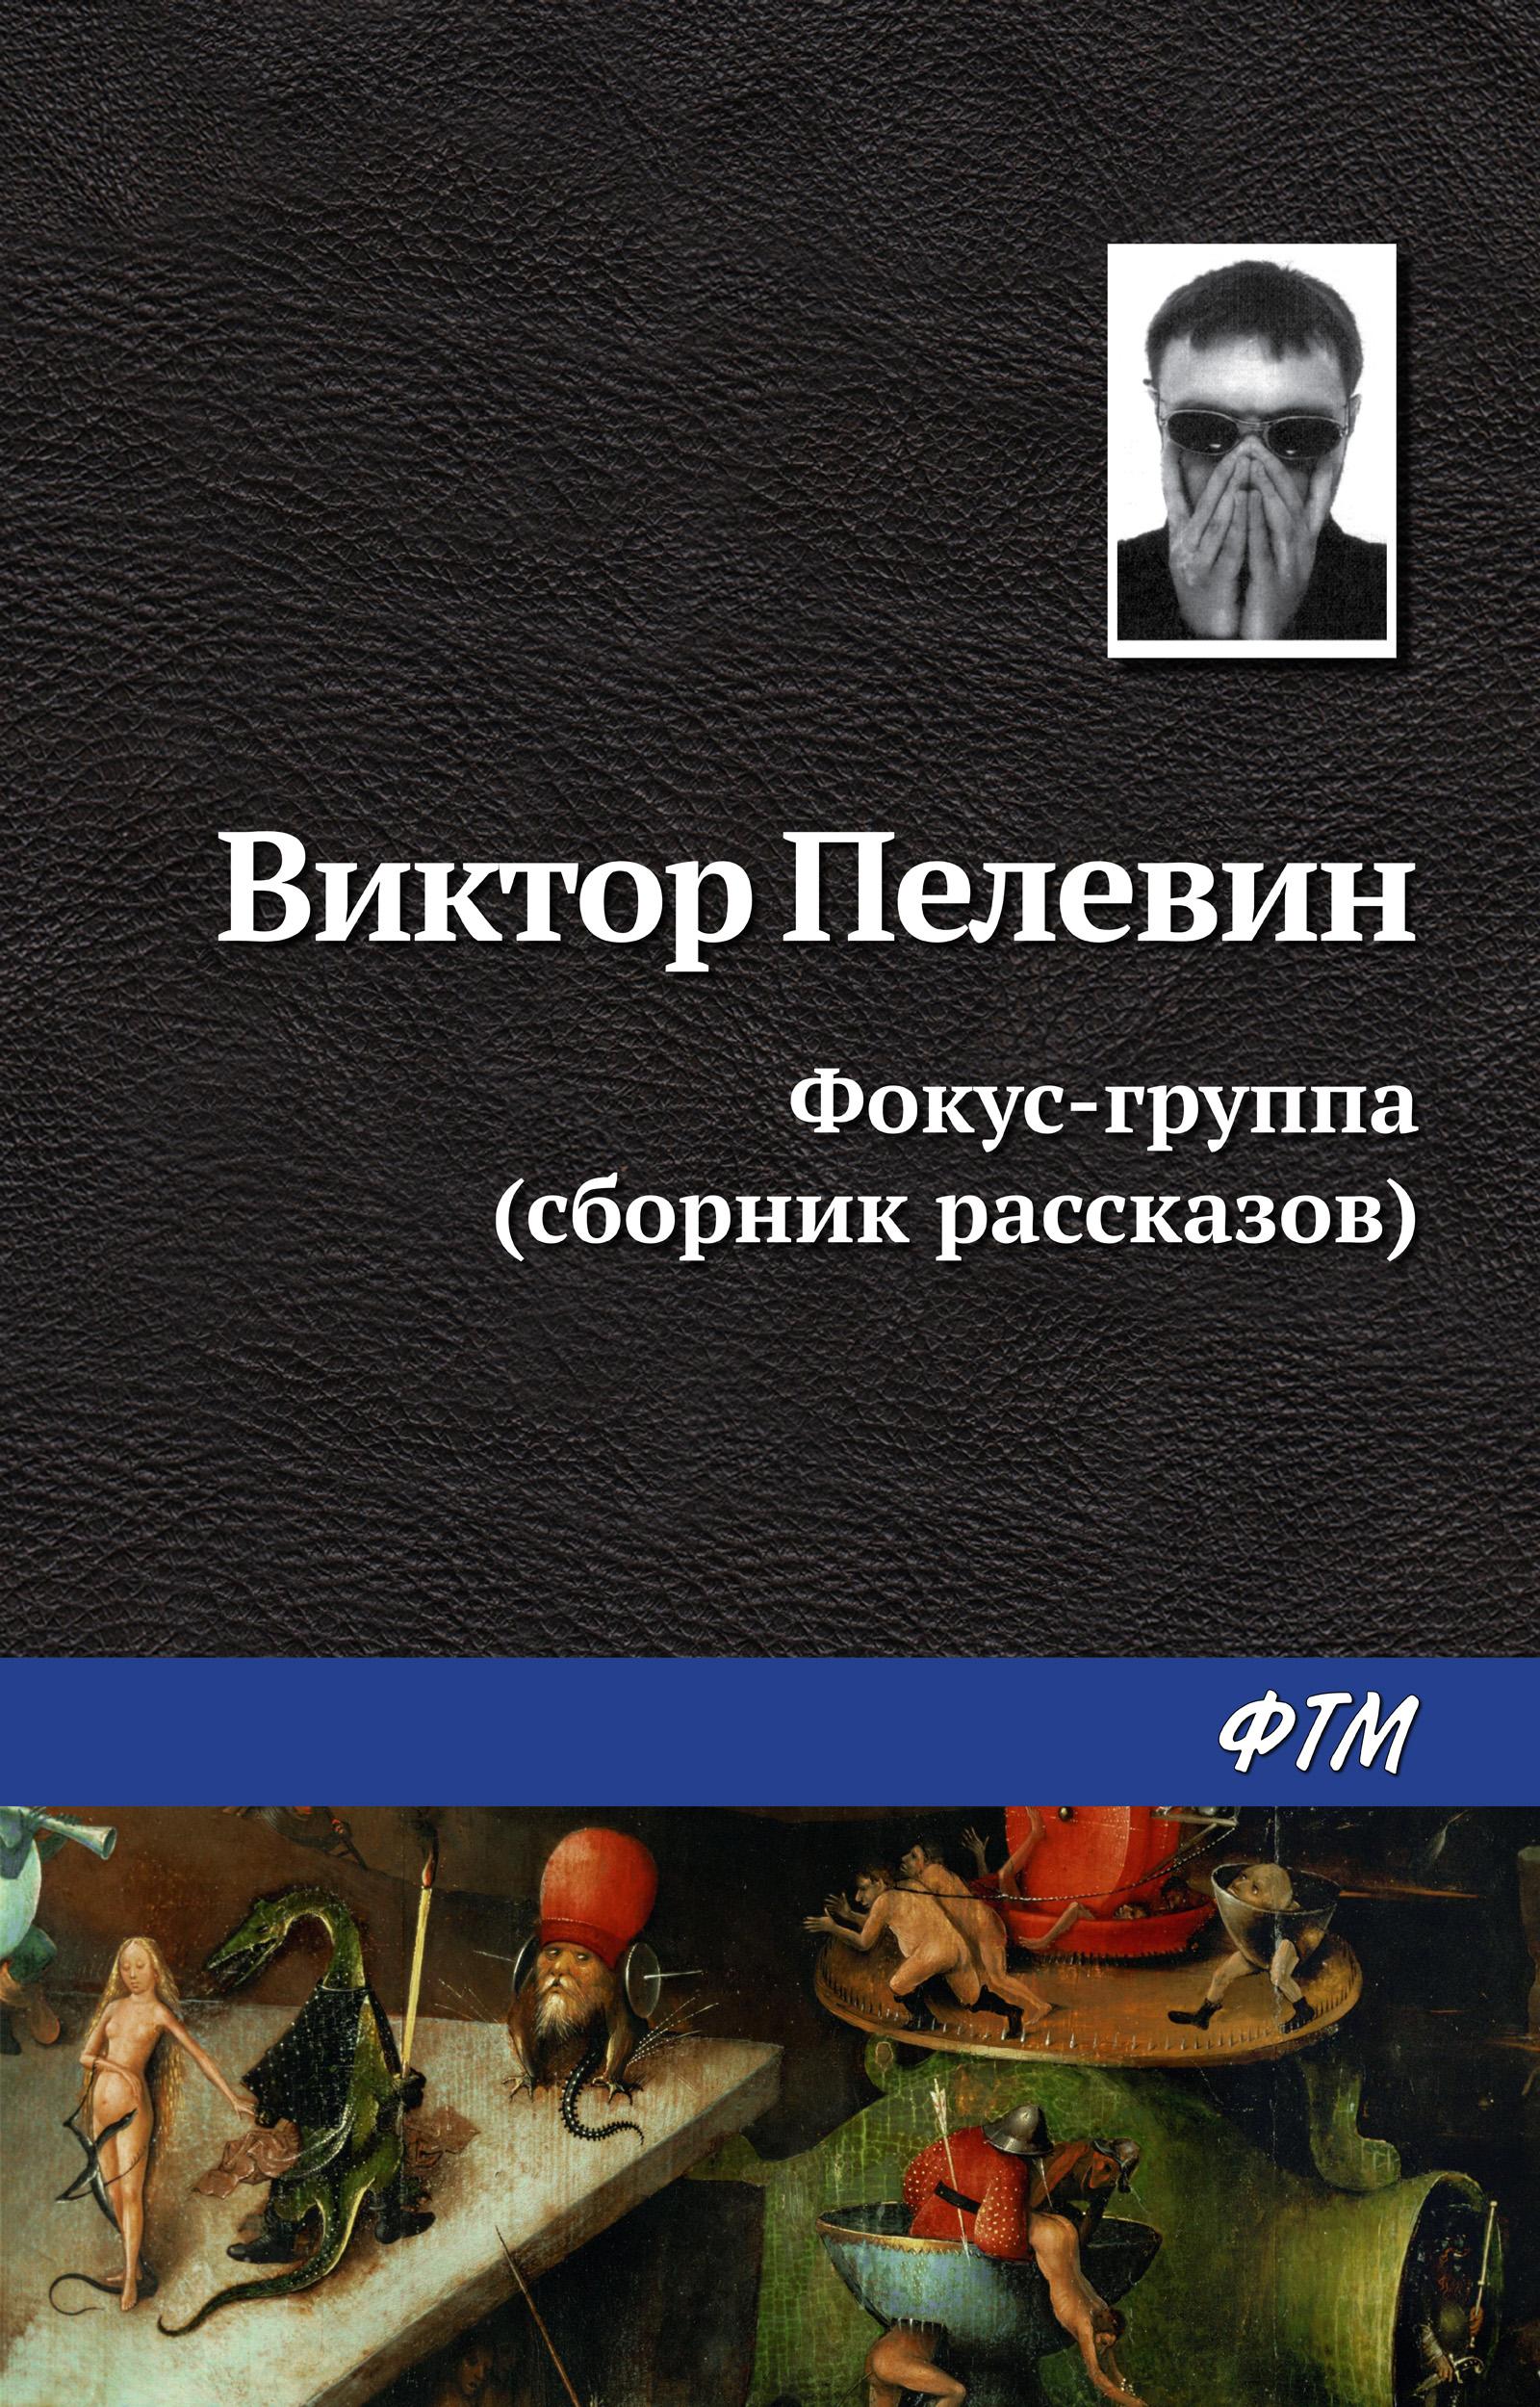 Виктор Пелевин Фокус-группа (сборник) цены онлайн